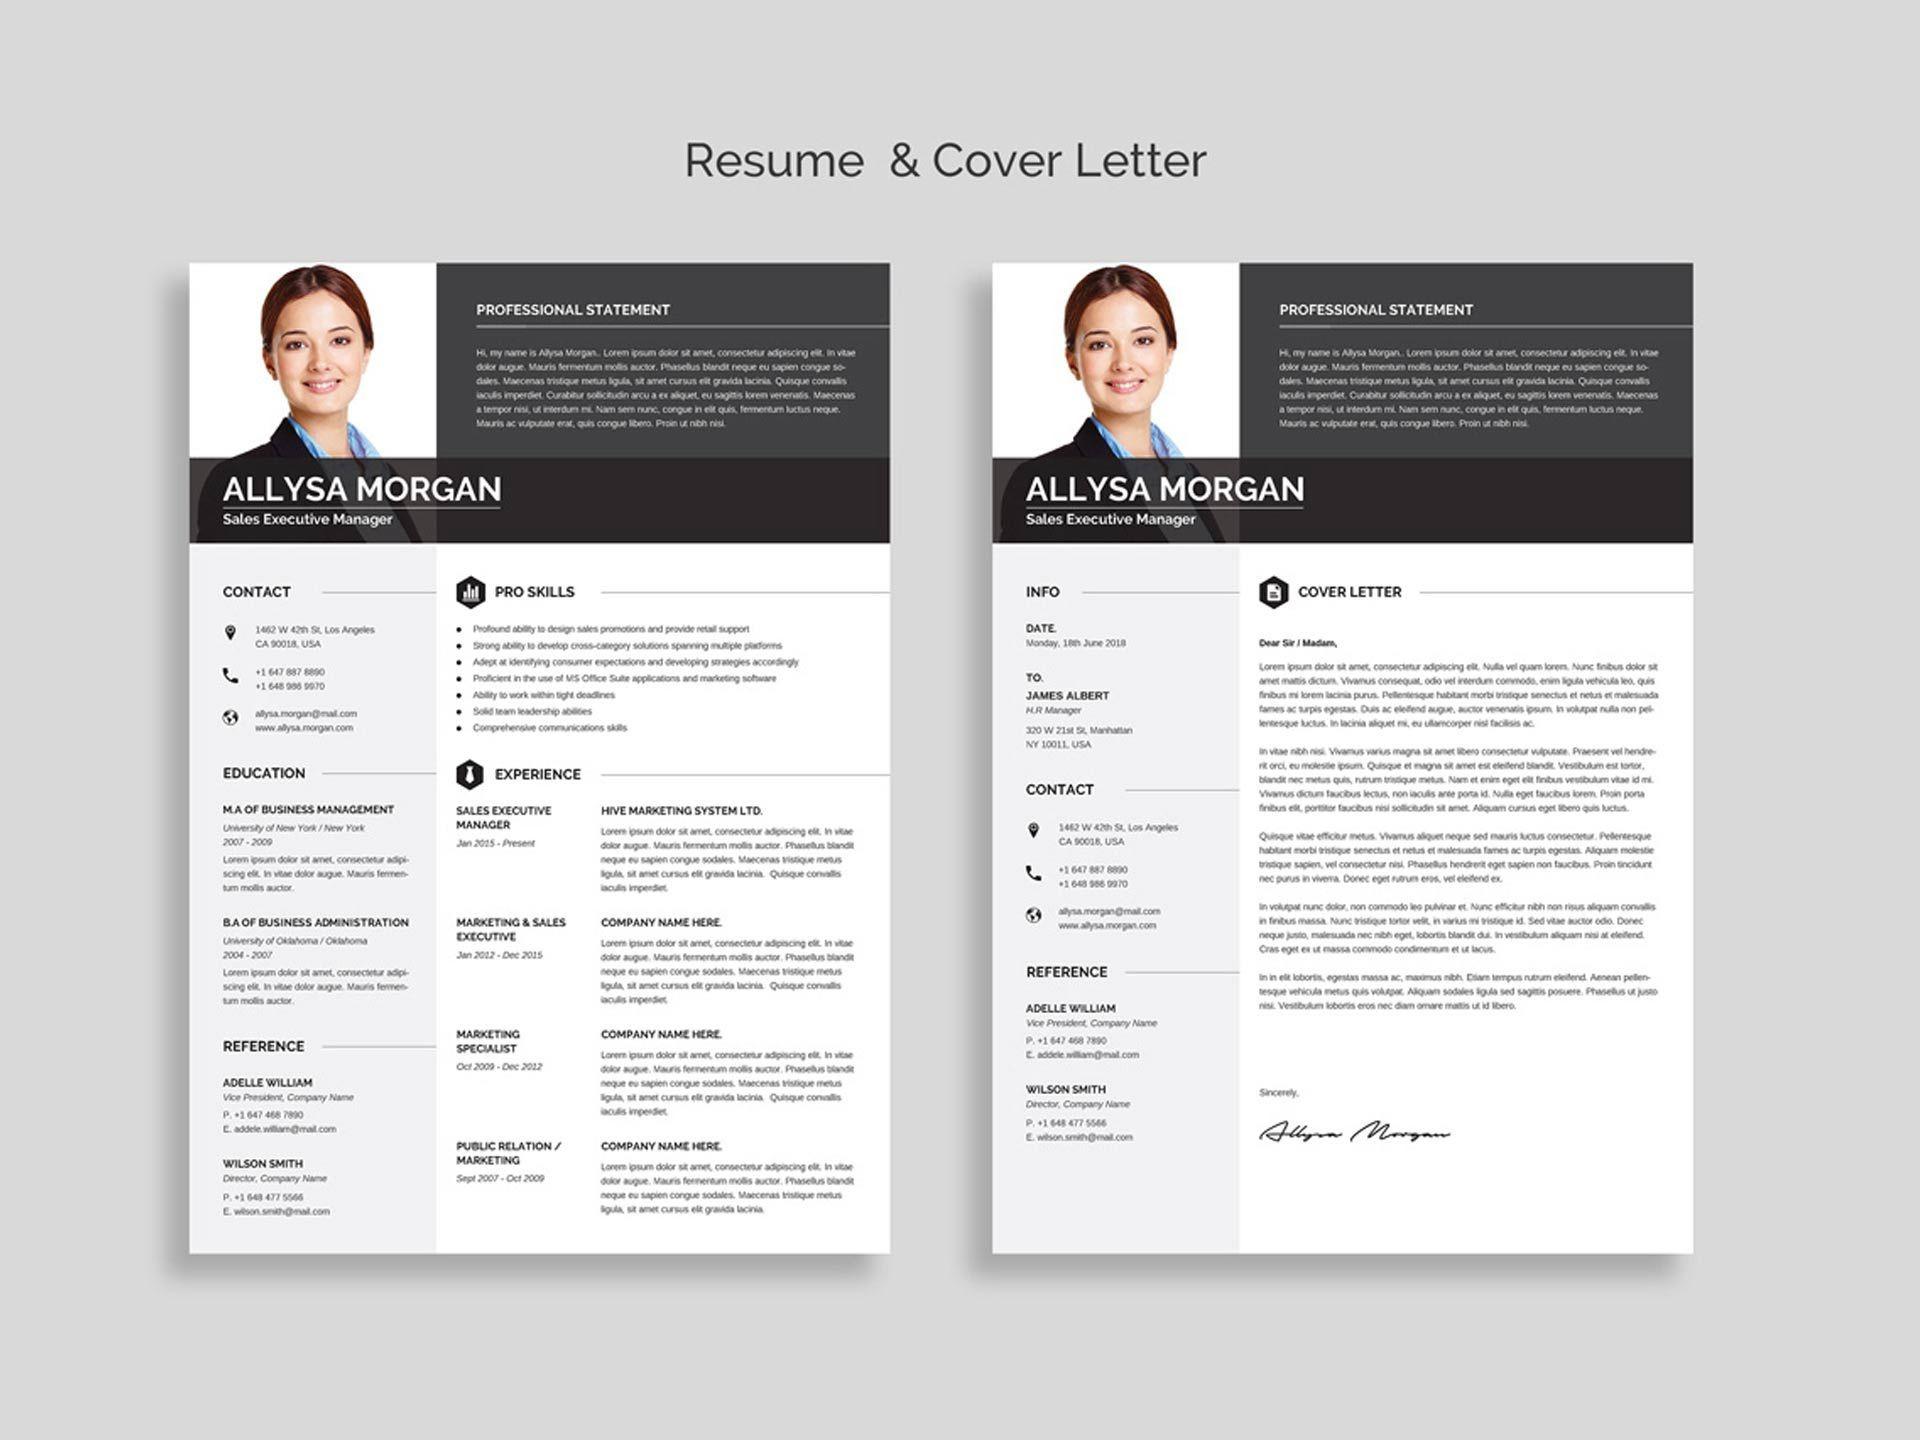 004 Wondrou Resume Template Free Word Design  Download 2020 Cv1920